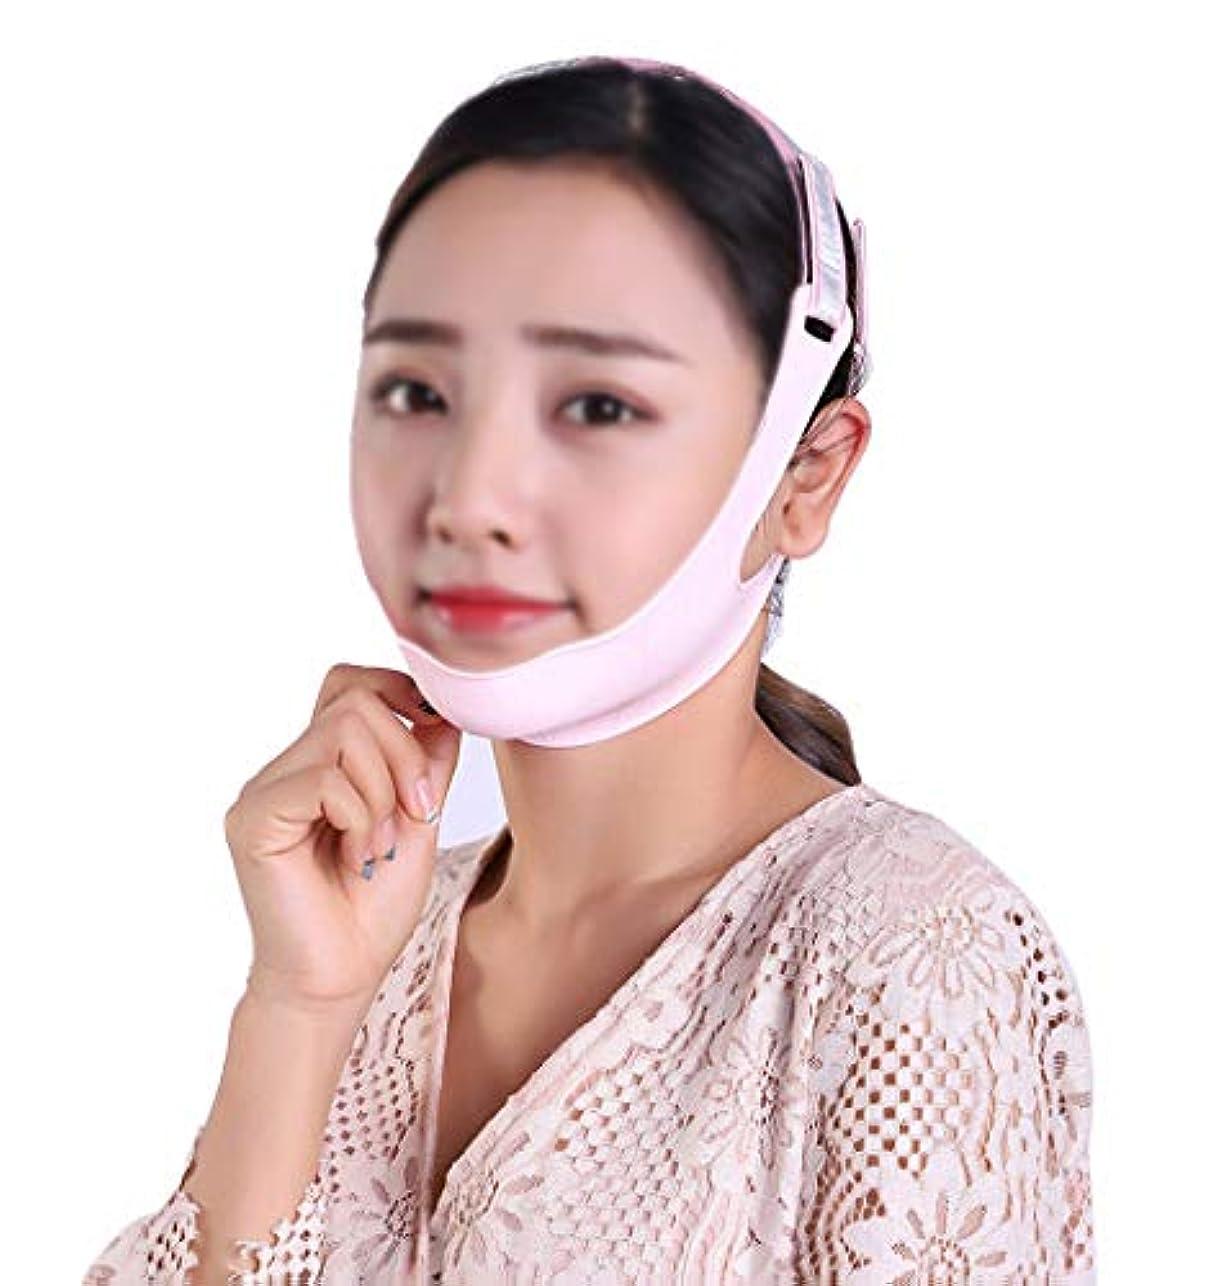 効能殺しますディーラーGLJJQMY フェイシャルリフティングマスクシリコンVマスク引き締めフェイシャル包帯スモールVフェイスアーティファクト防止リラクゼーションフェイシャル&ネックリフティング 顔用整形マスク (Size : L)